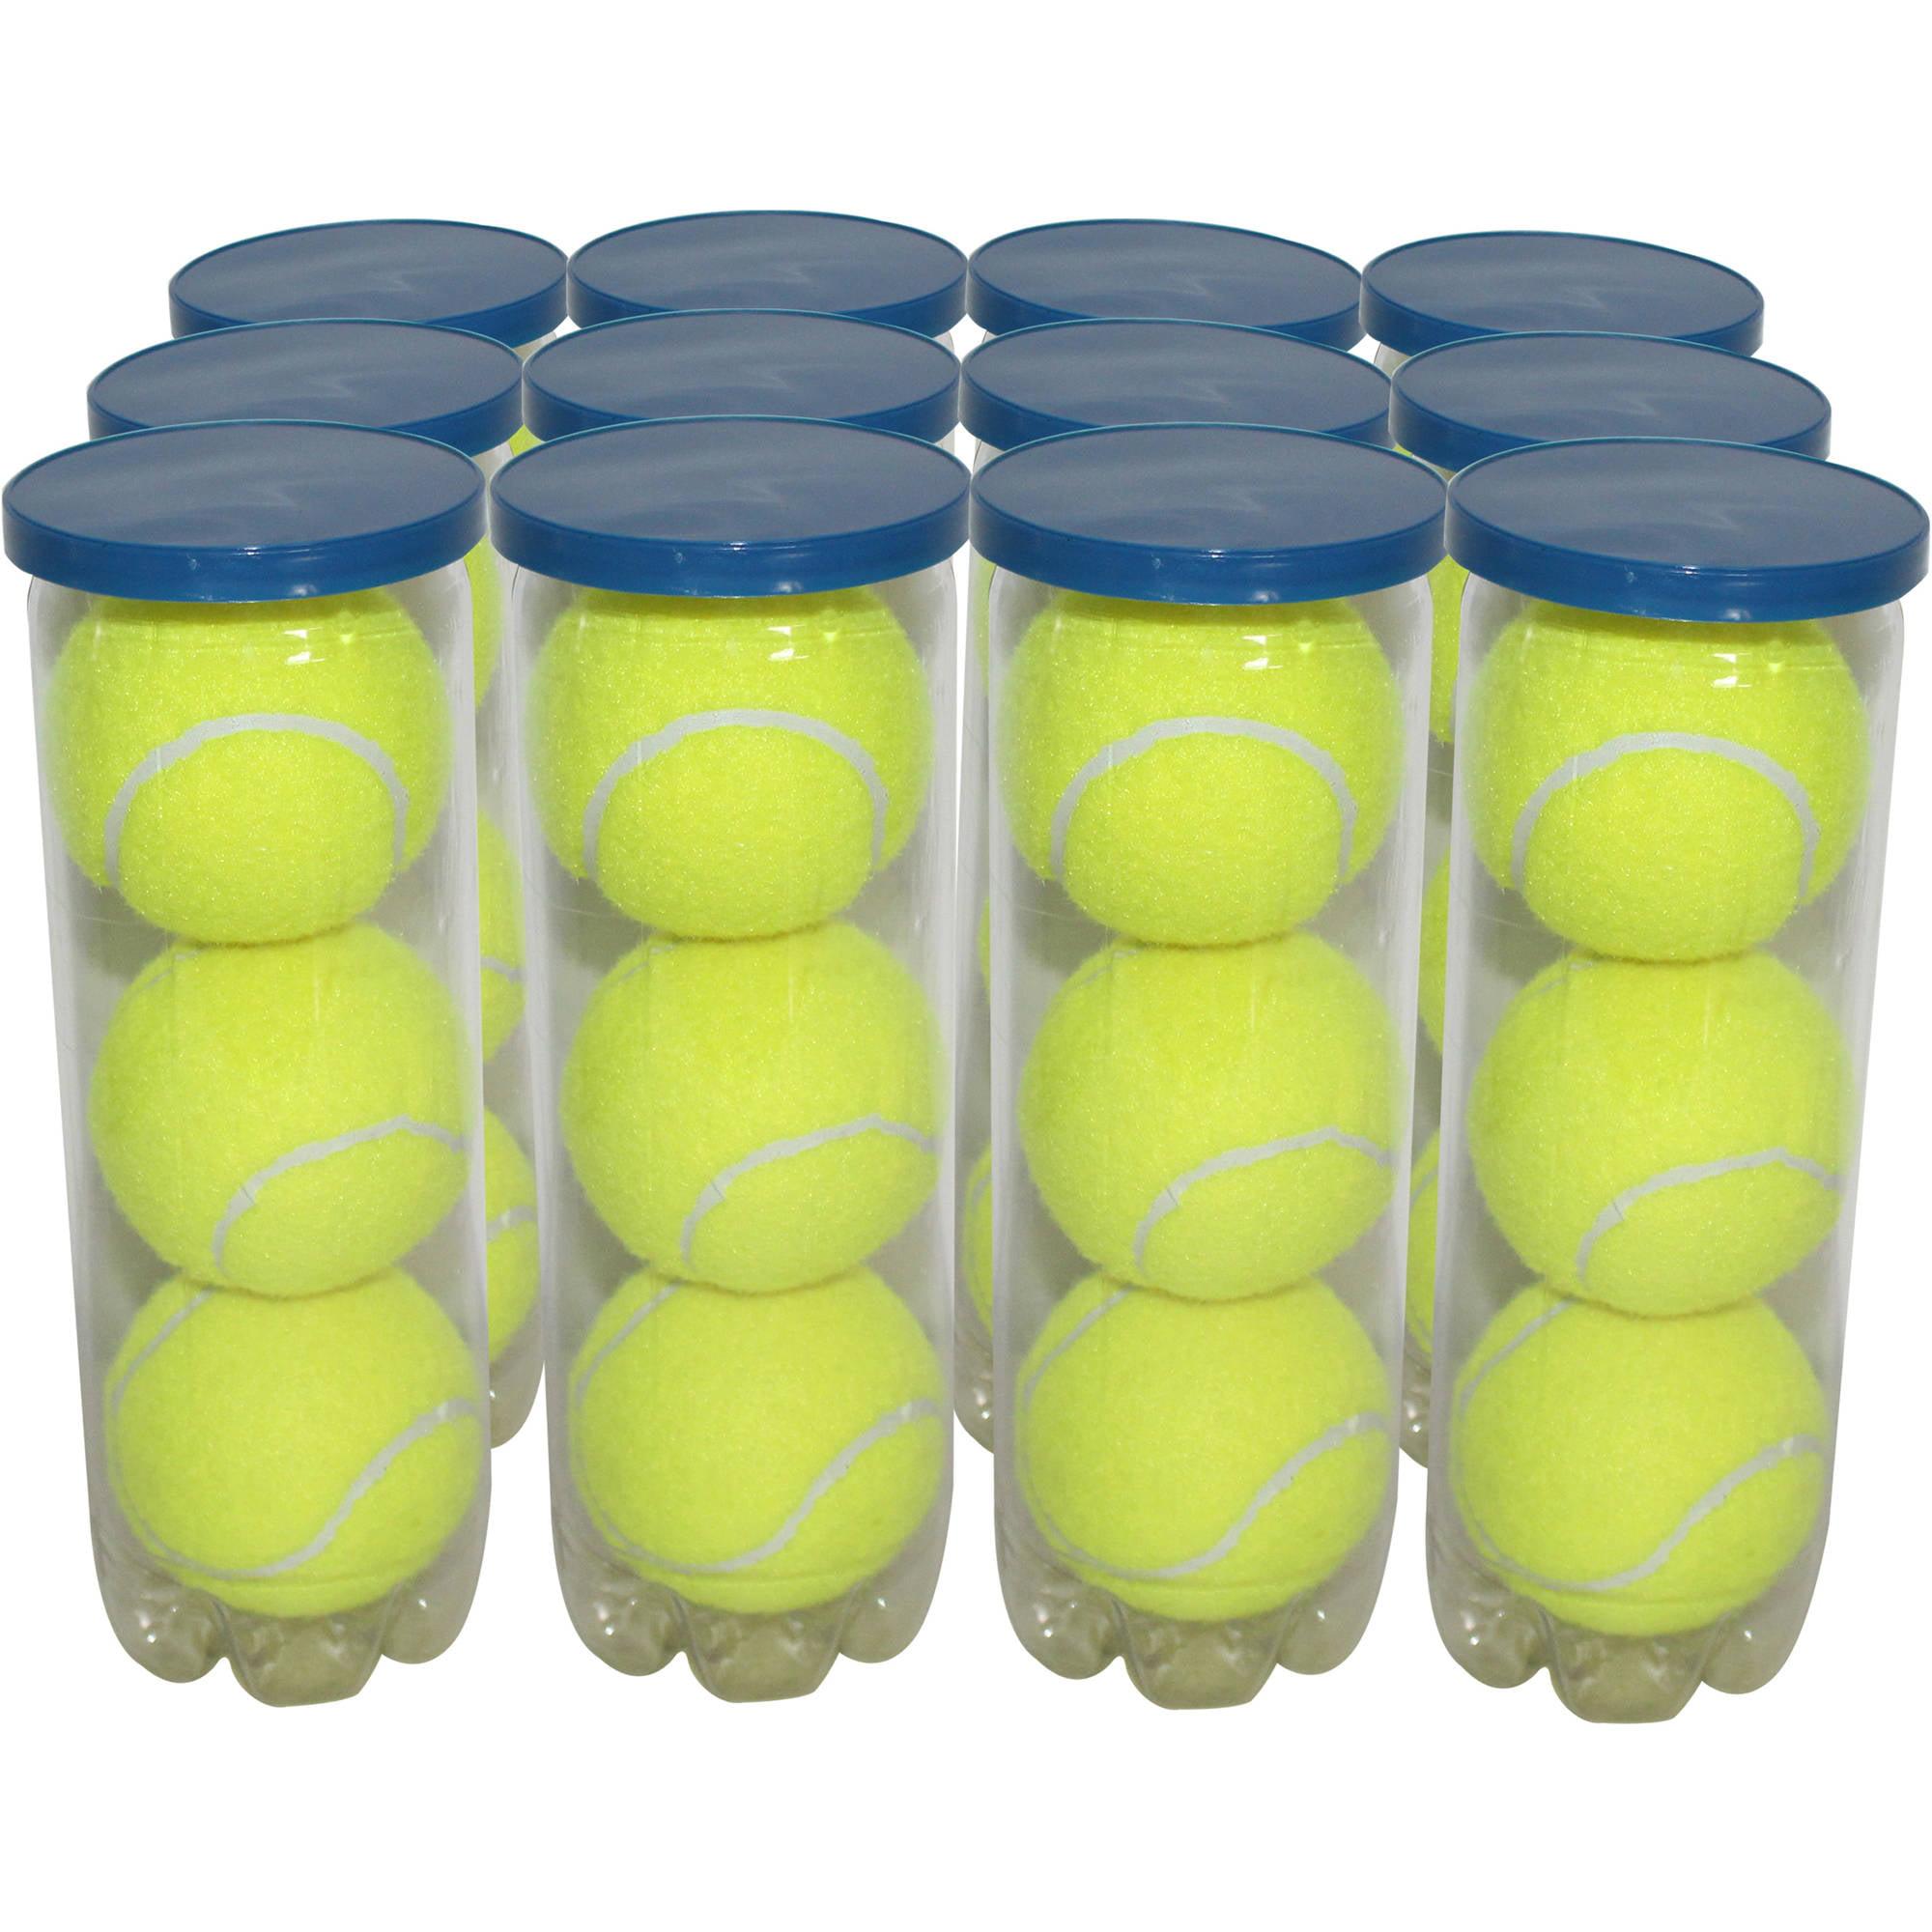 Tennis Balls - Walmart.com